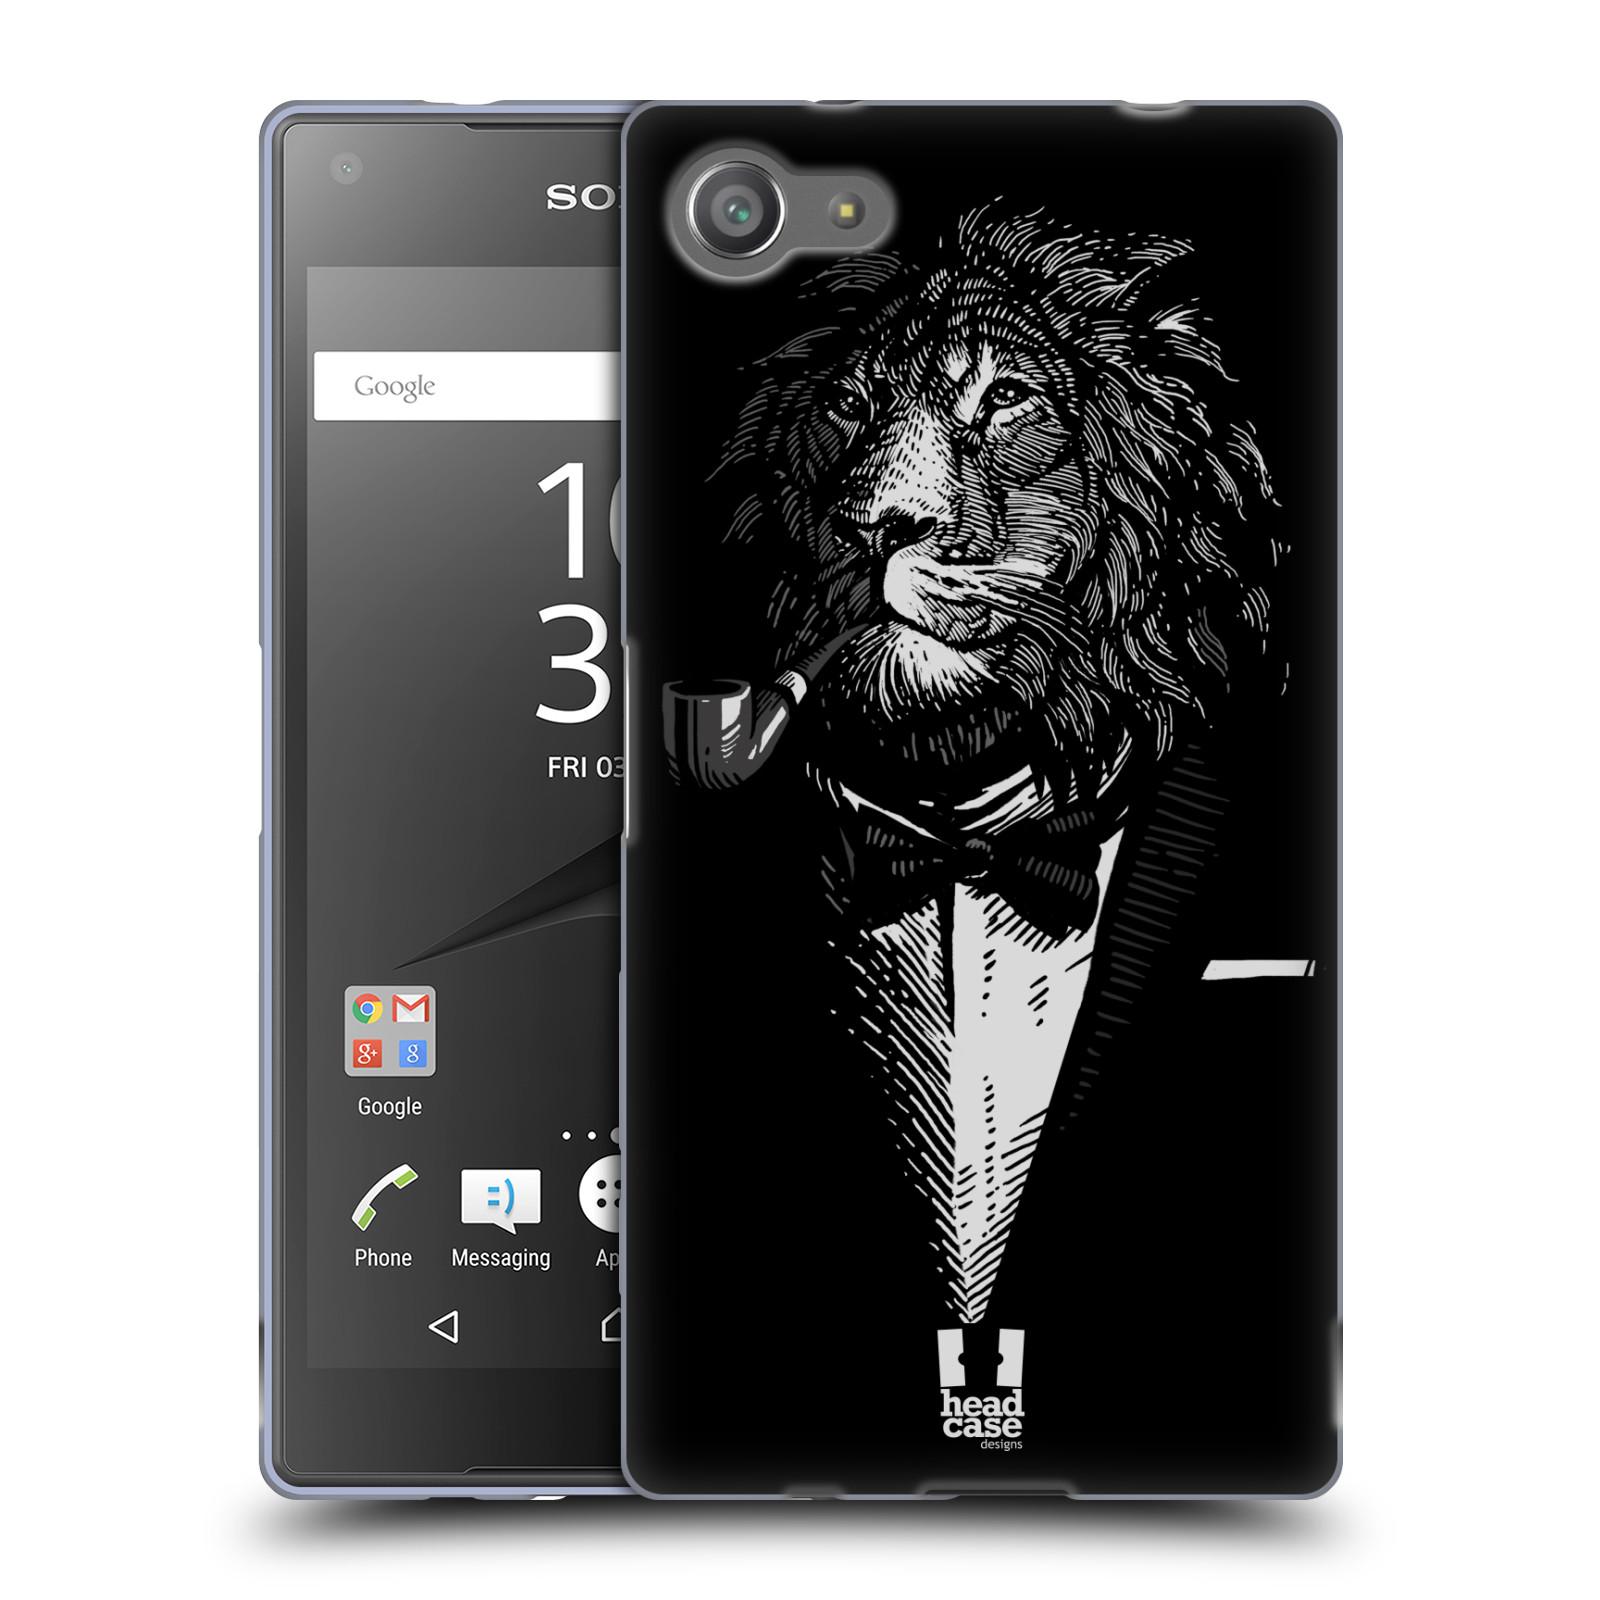 HEAD CASE silikonový obal na mobil Sony Xperia Z5 COMPACT vzor Zvíře v obleku lev